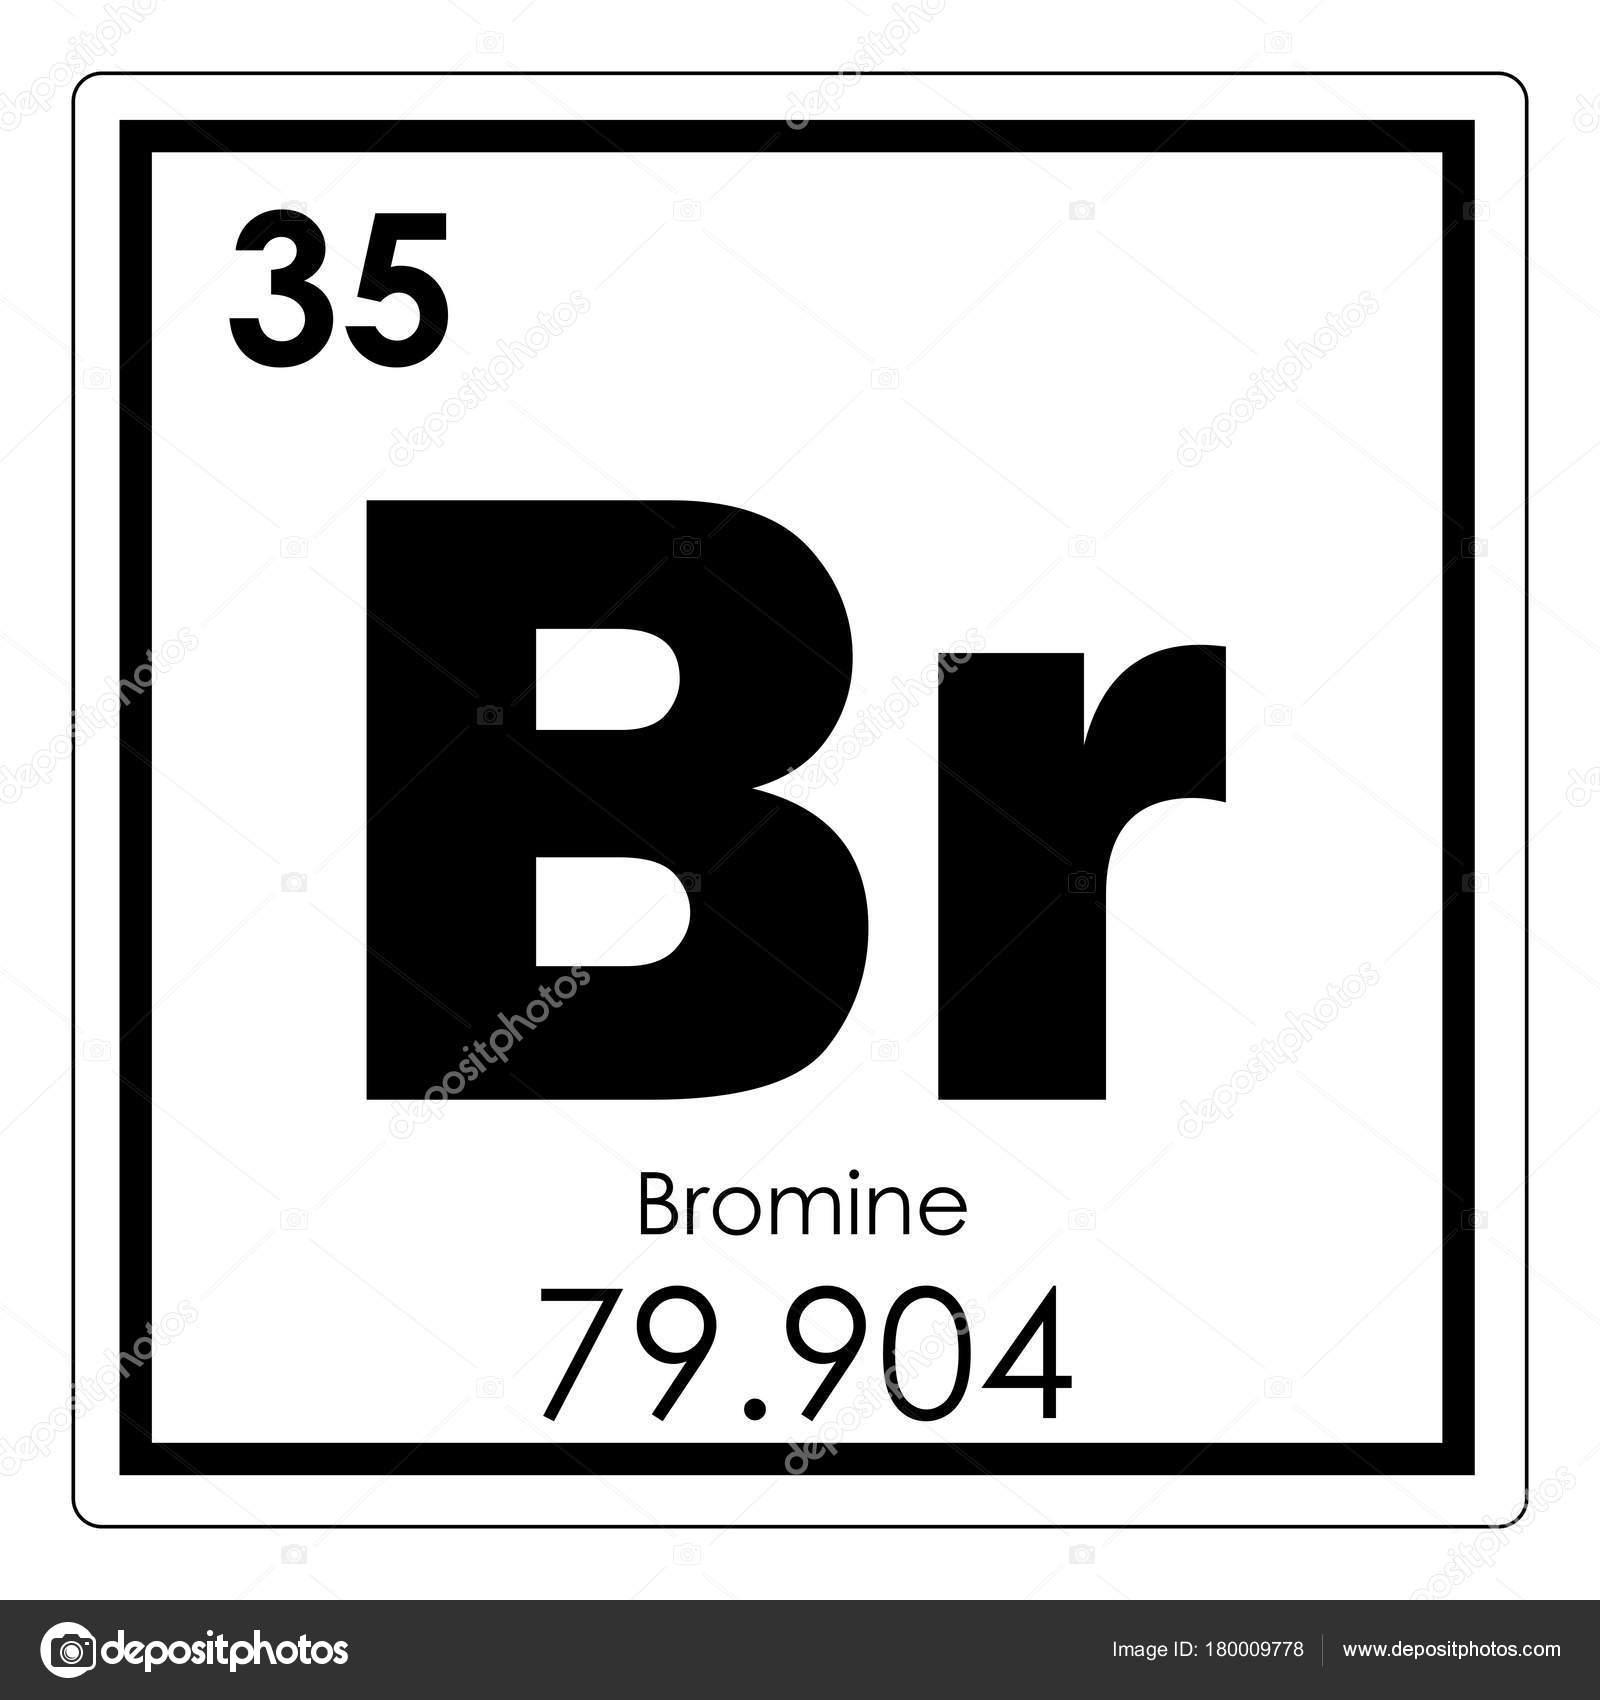 Elemento qumico bromo foto de stock tony4urban 180009778 smbolo de la ciencia de bromo elemento qumico tabla peridica foto de tony4urban urtaz Images